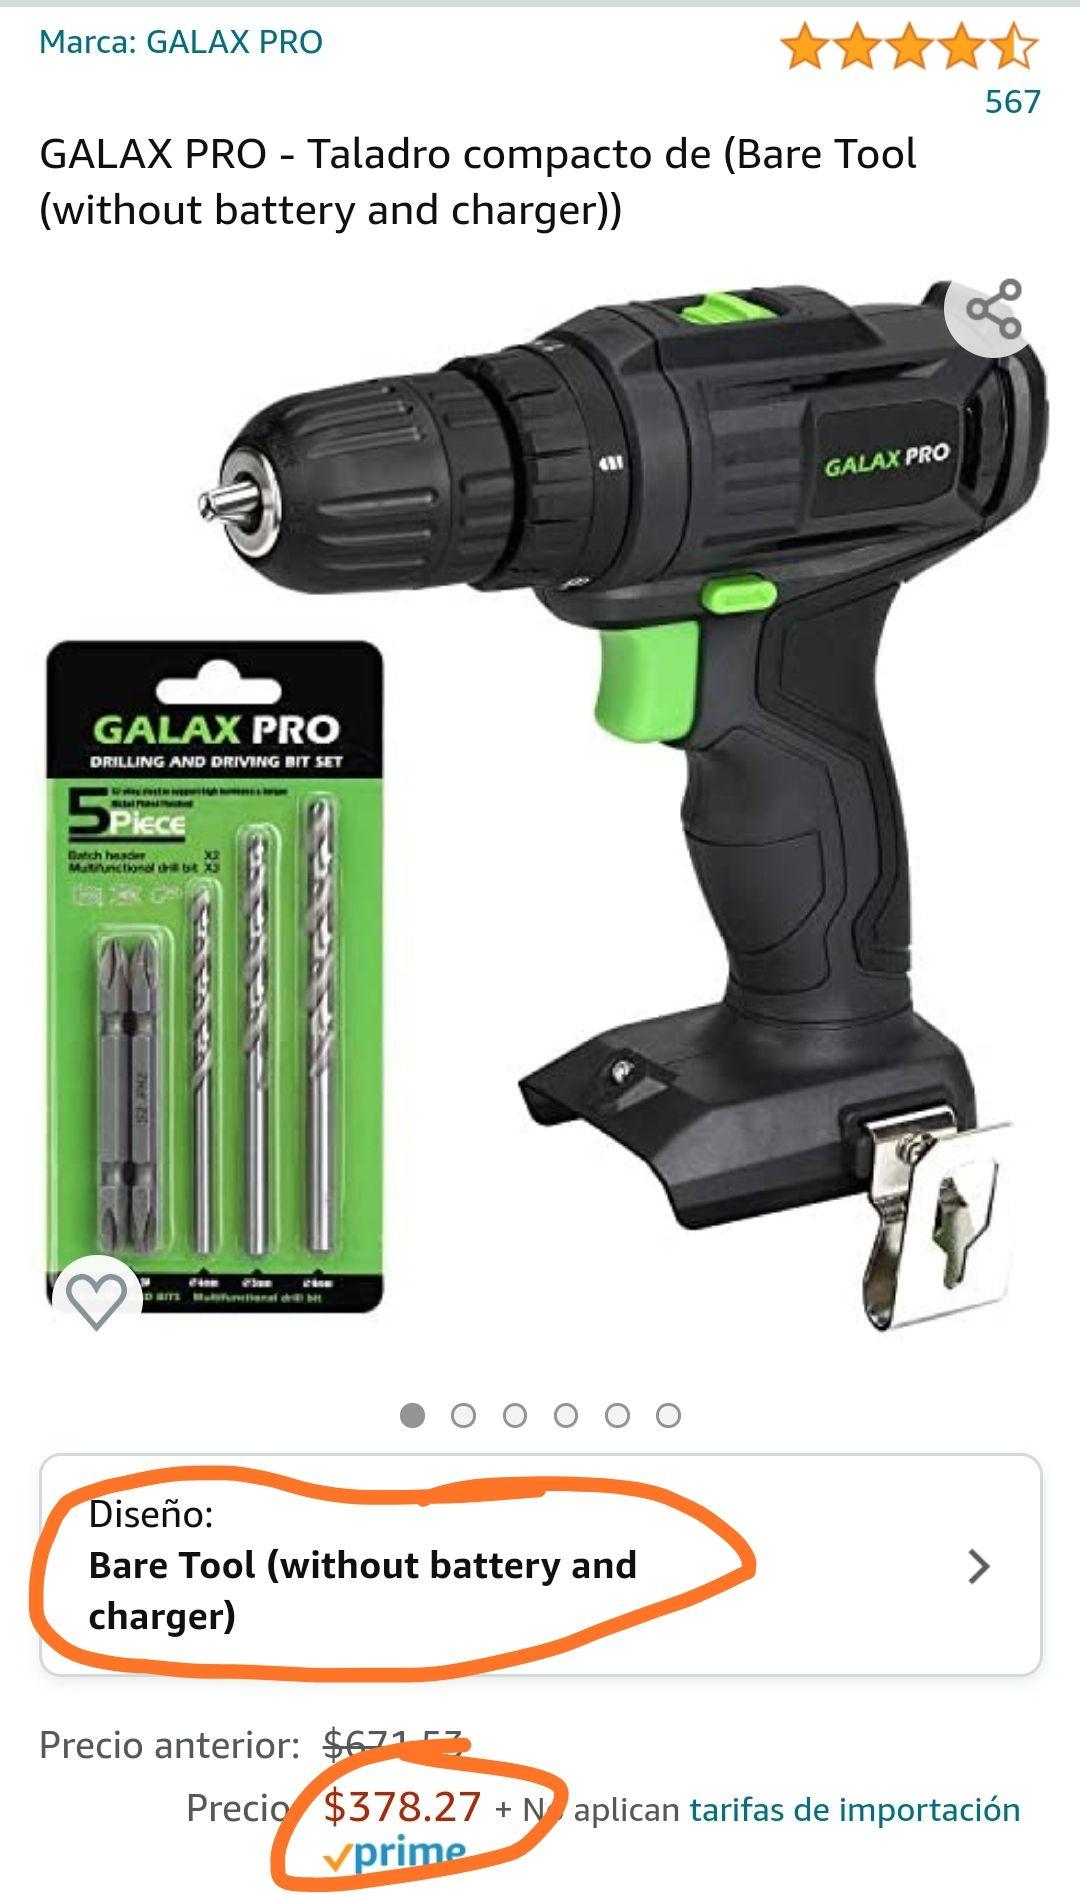 Amazon: Taladro-Atornillador de 2 velocidades Galax Pro 20V   Sin batería ni cargador   Envío gratis con Prime   $378.27